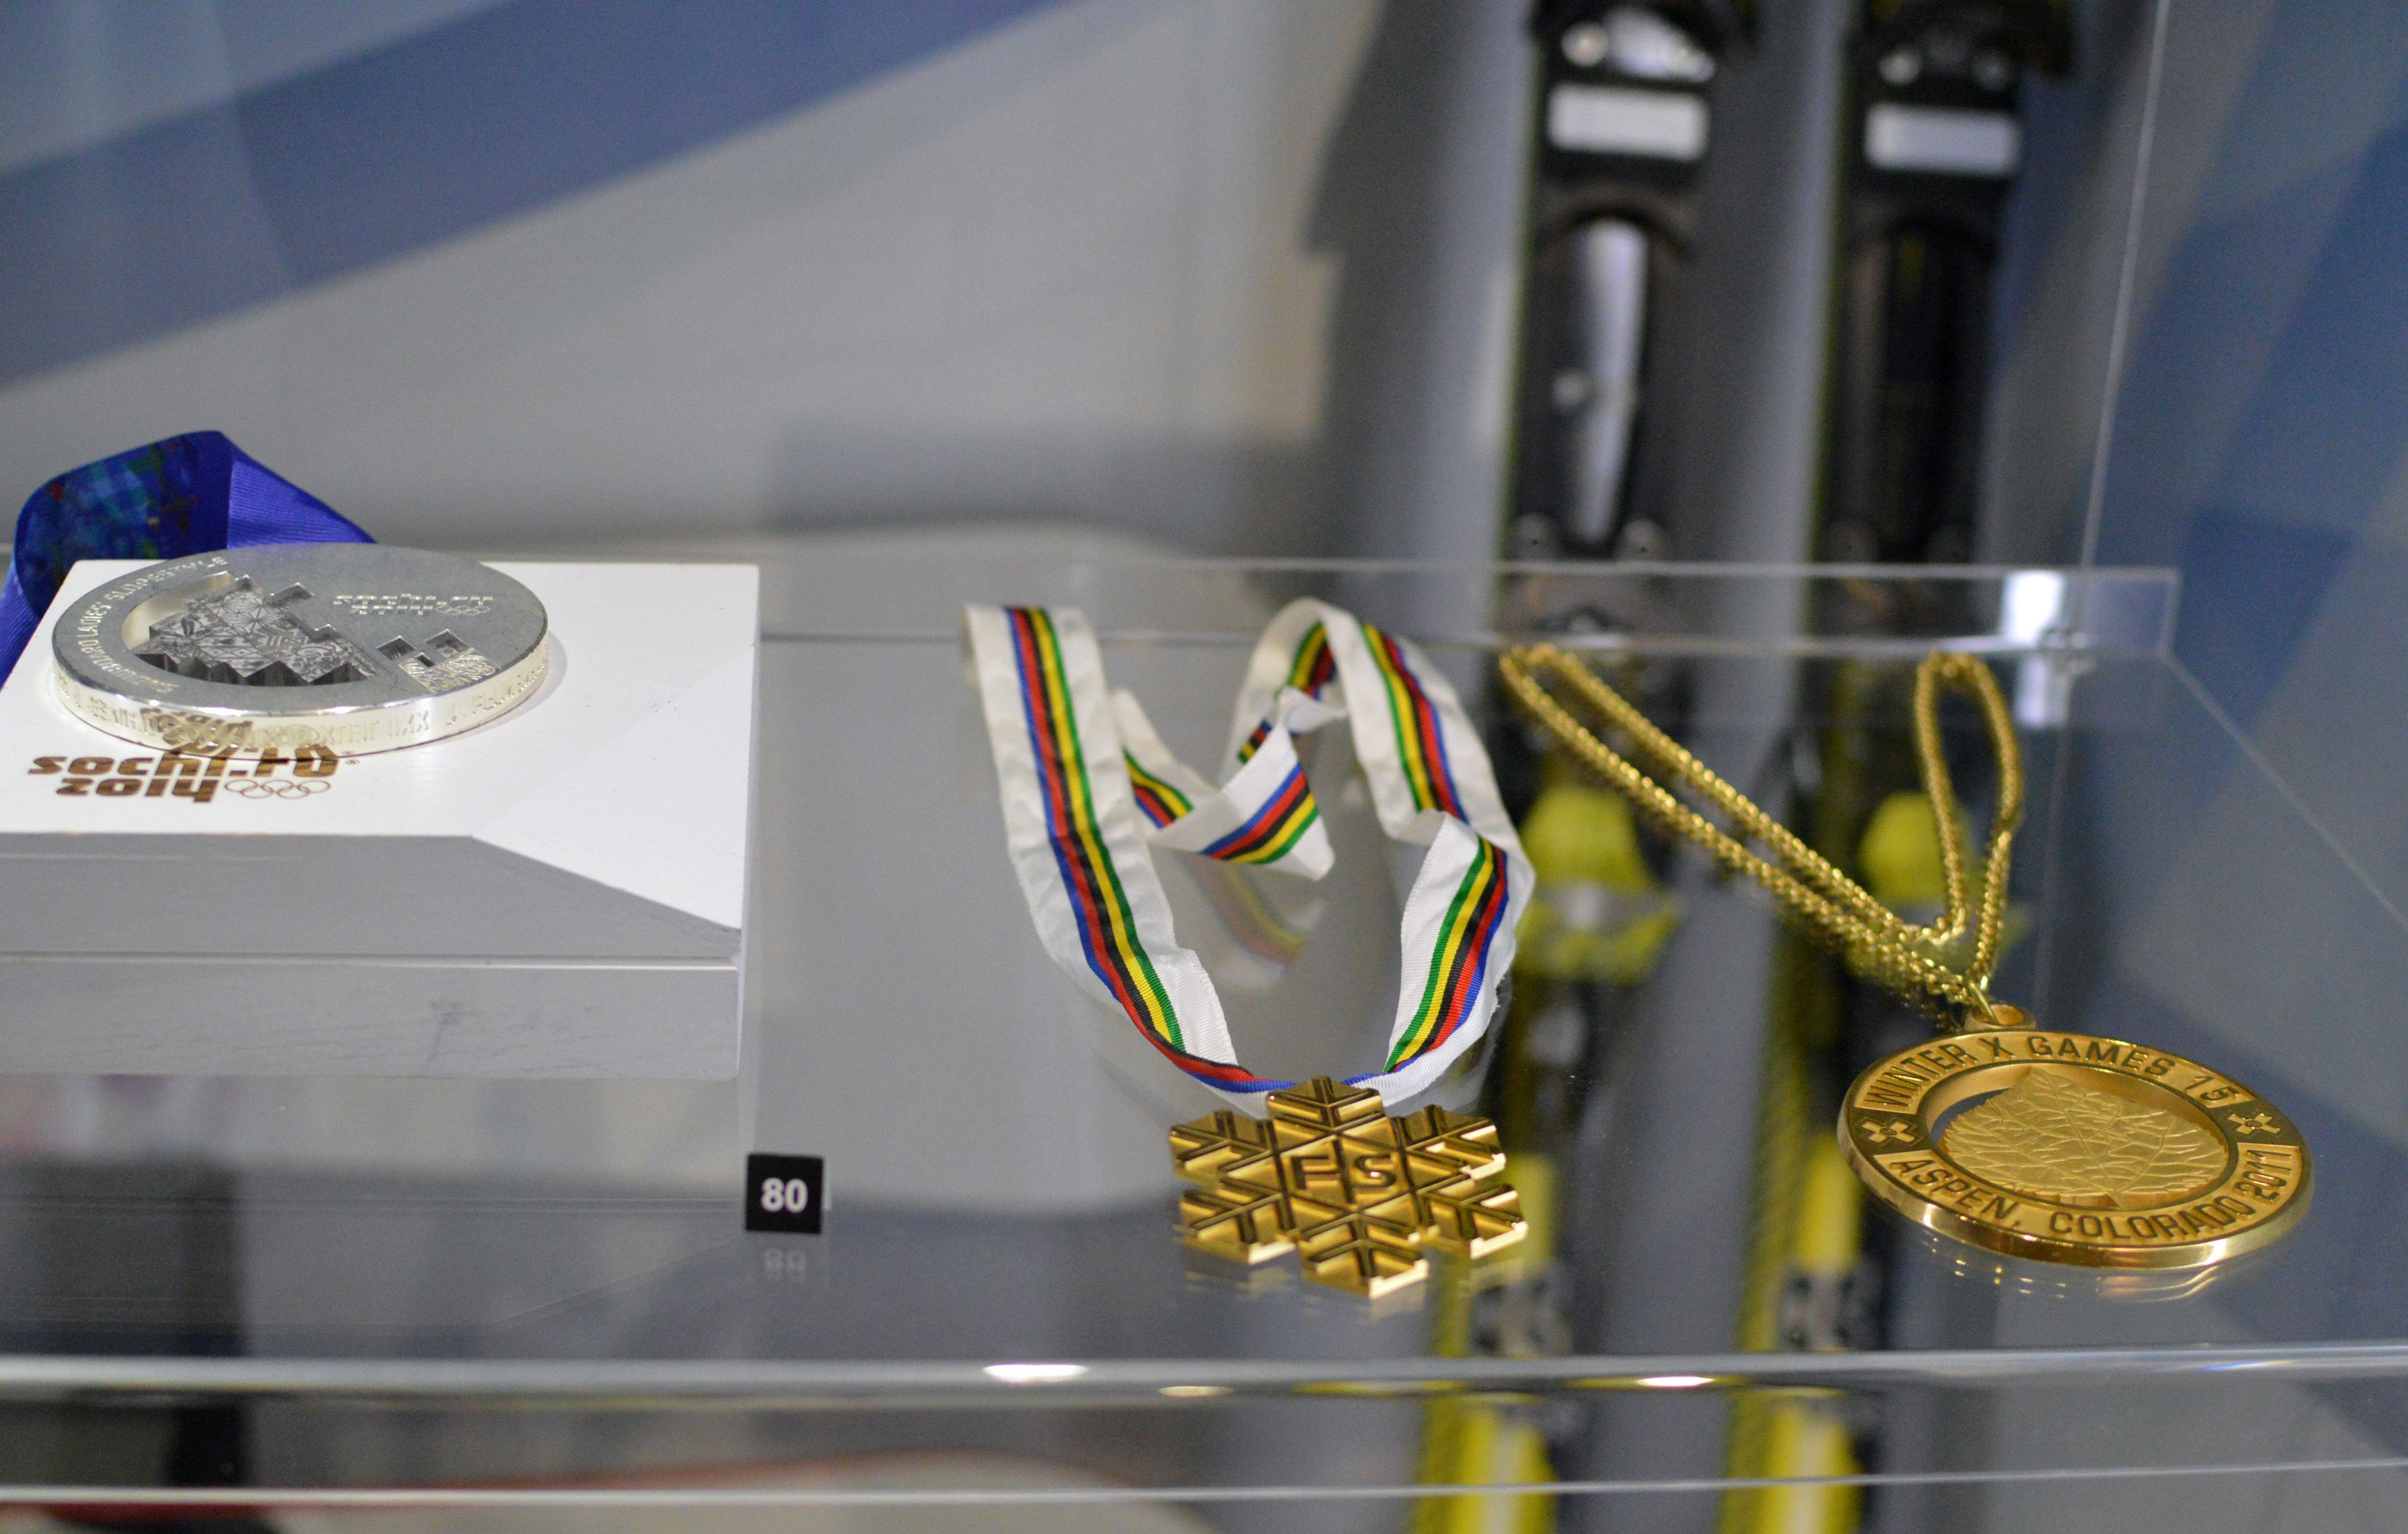 Lumilautailija Enni Rukajärven voittamat X-Games kultamitali, MM-kultamitali sekä olympiahopeamitali.